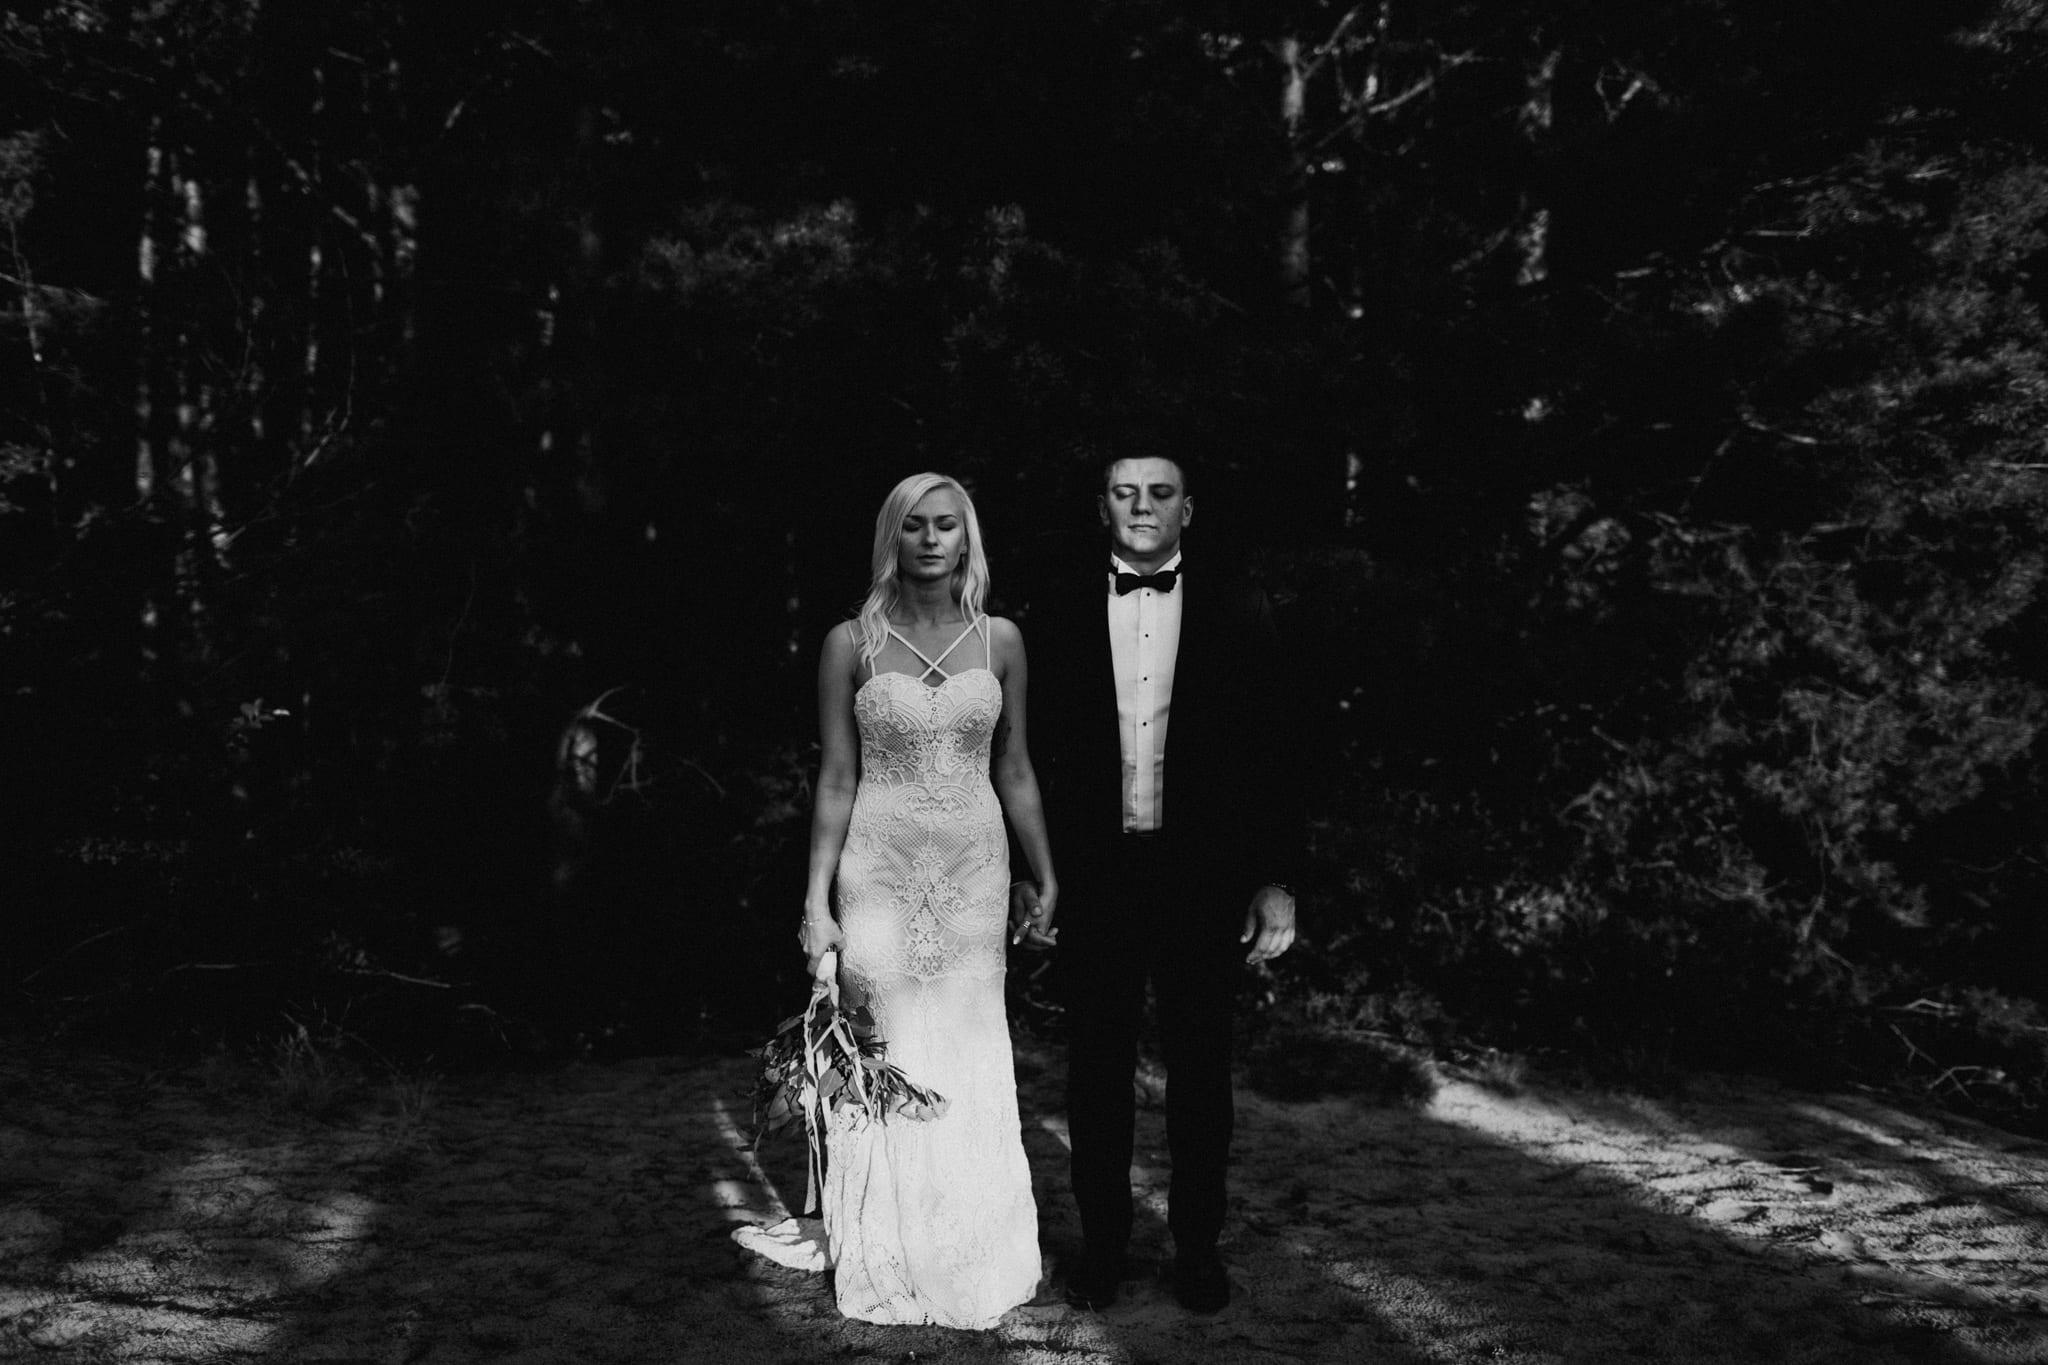 Patrycja & Łukasz <br>Sesja ślubna na pustyni 13